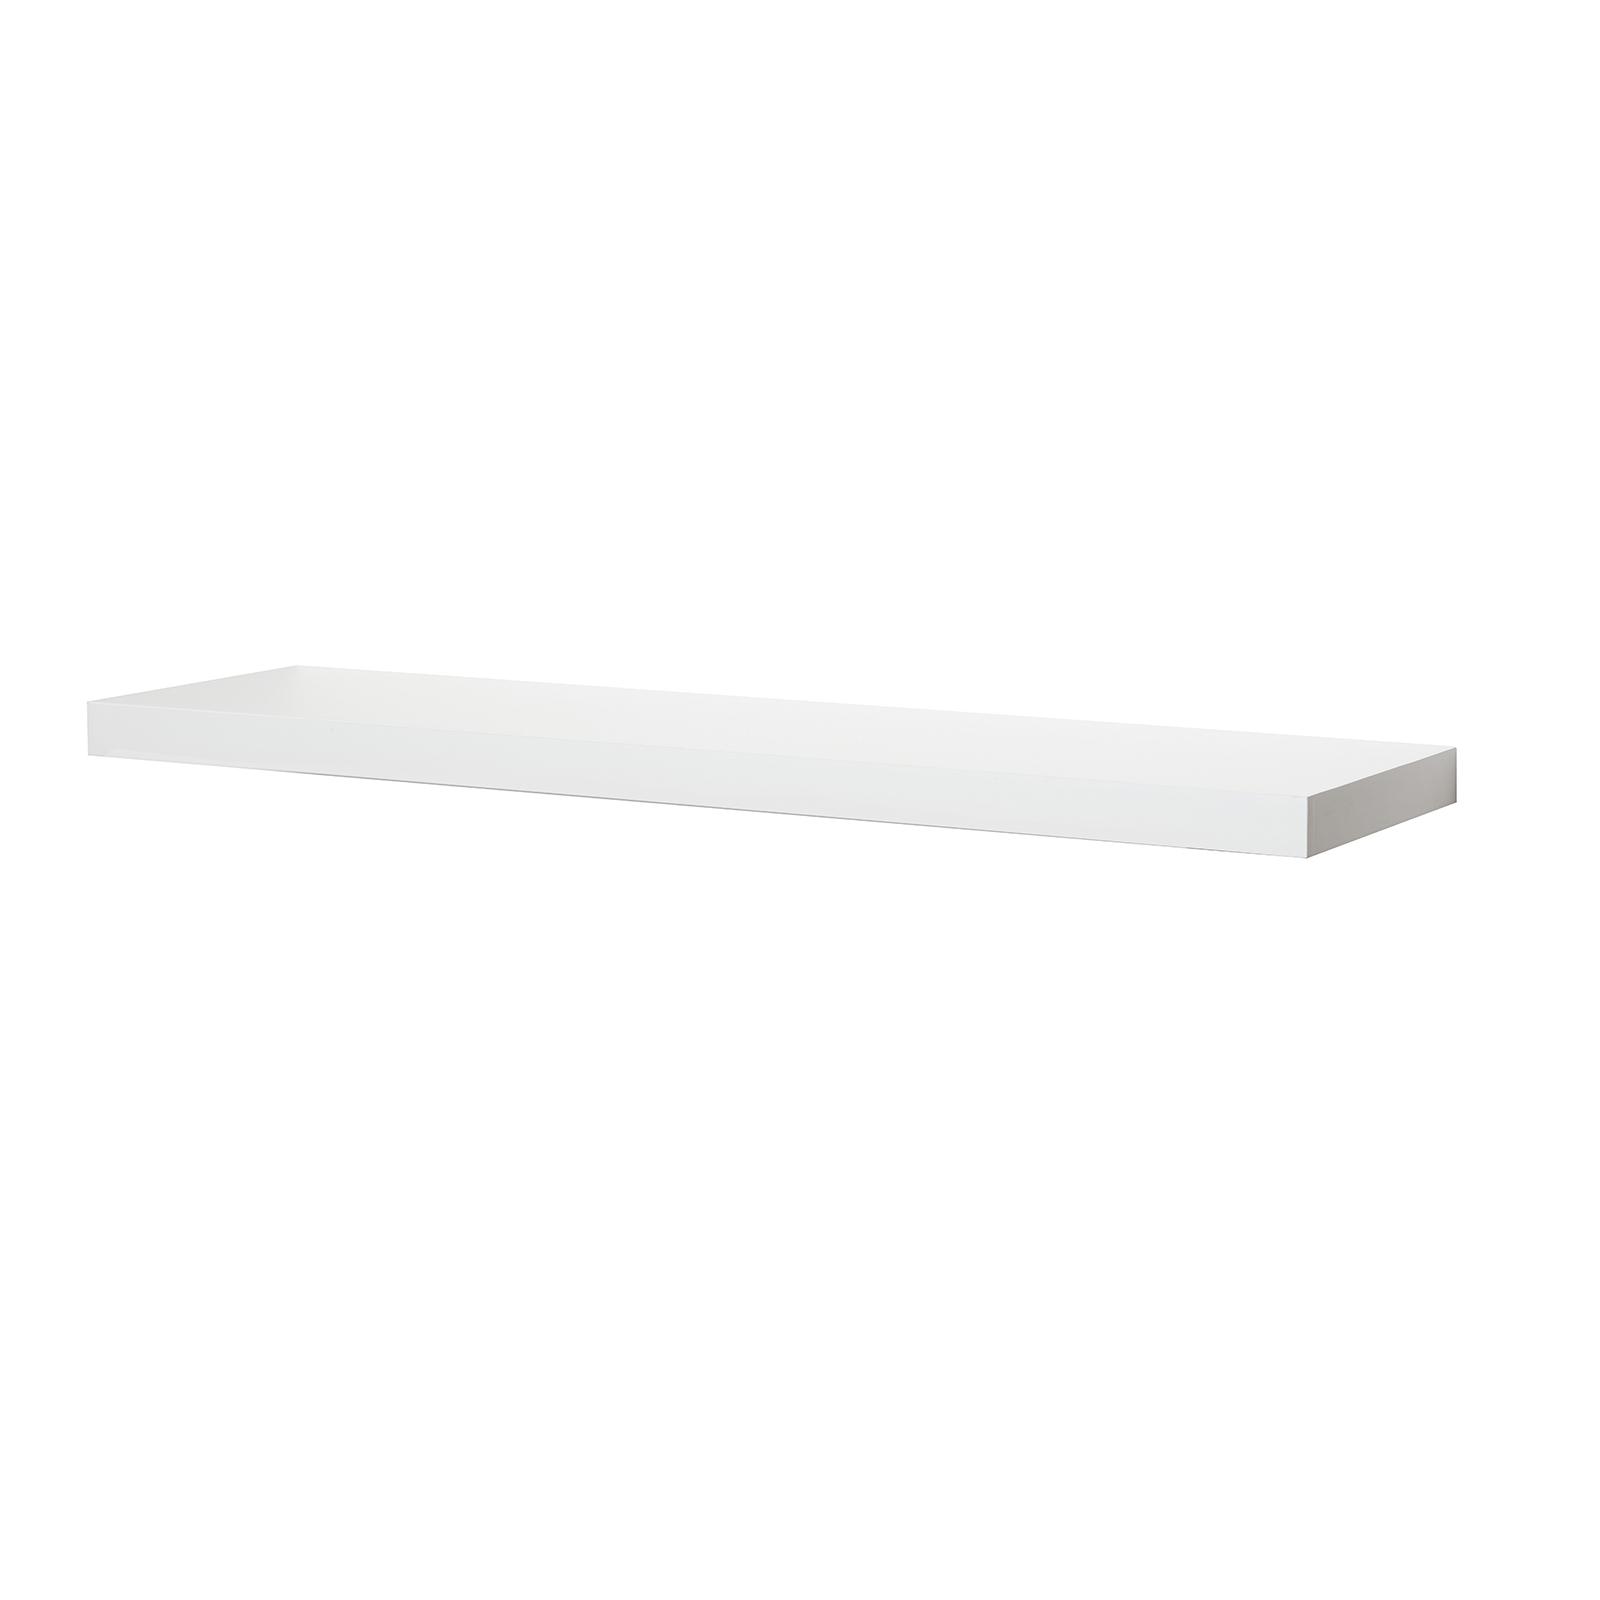 Flexi Storage 900 x 240 x 38mm White Gloss Floating Shelf